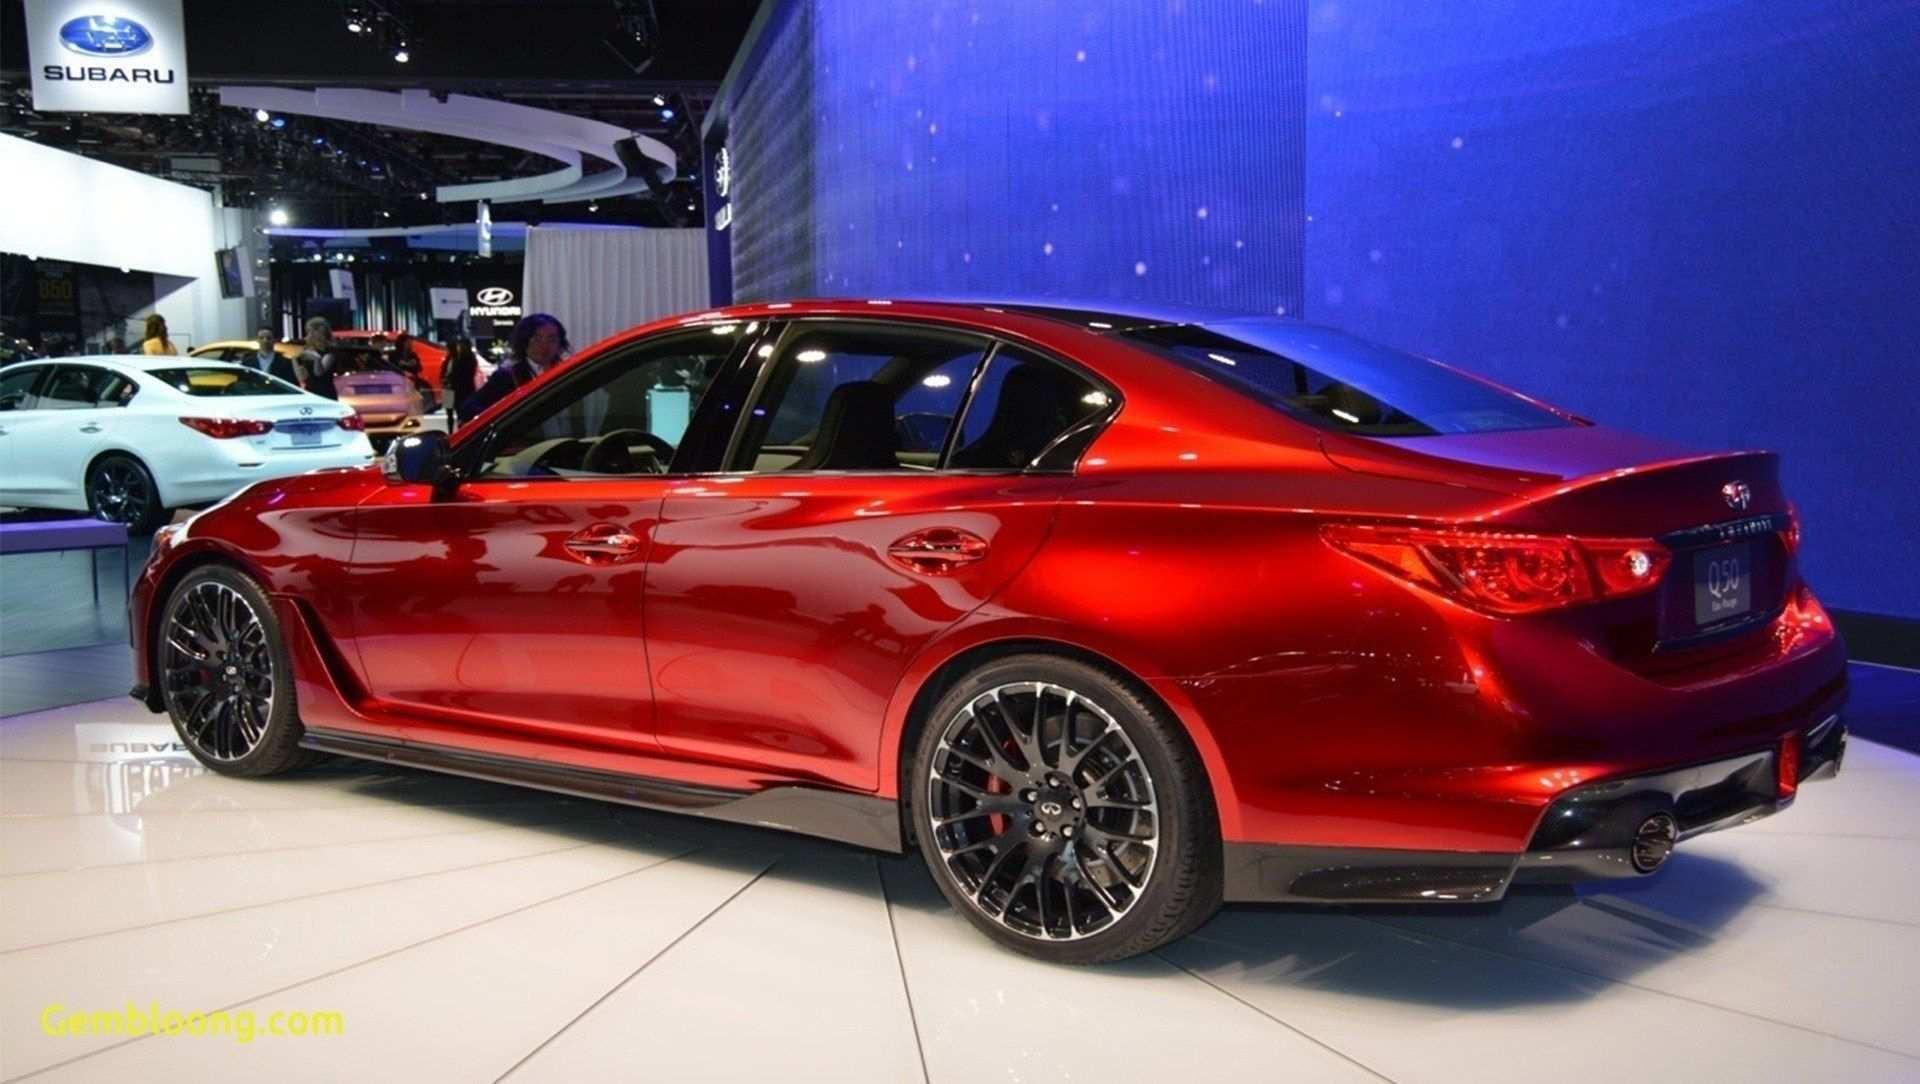 52 Best Review 2020 Infiniti Q50 Coupe Eau Rouge Interior with 2020 Infiniti Q50 Coupe Eau Rouge